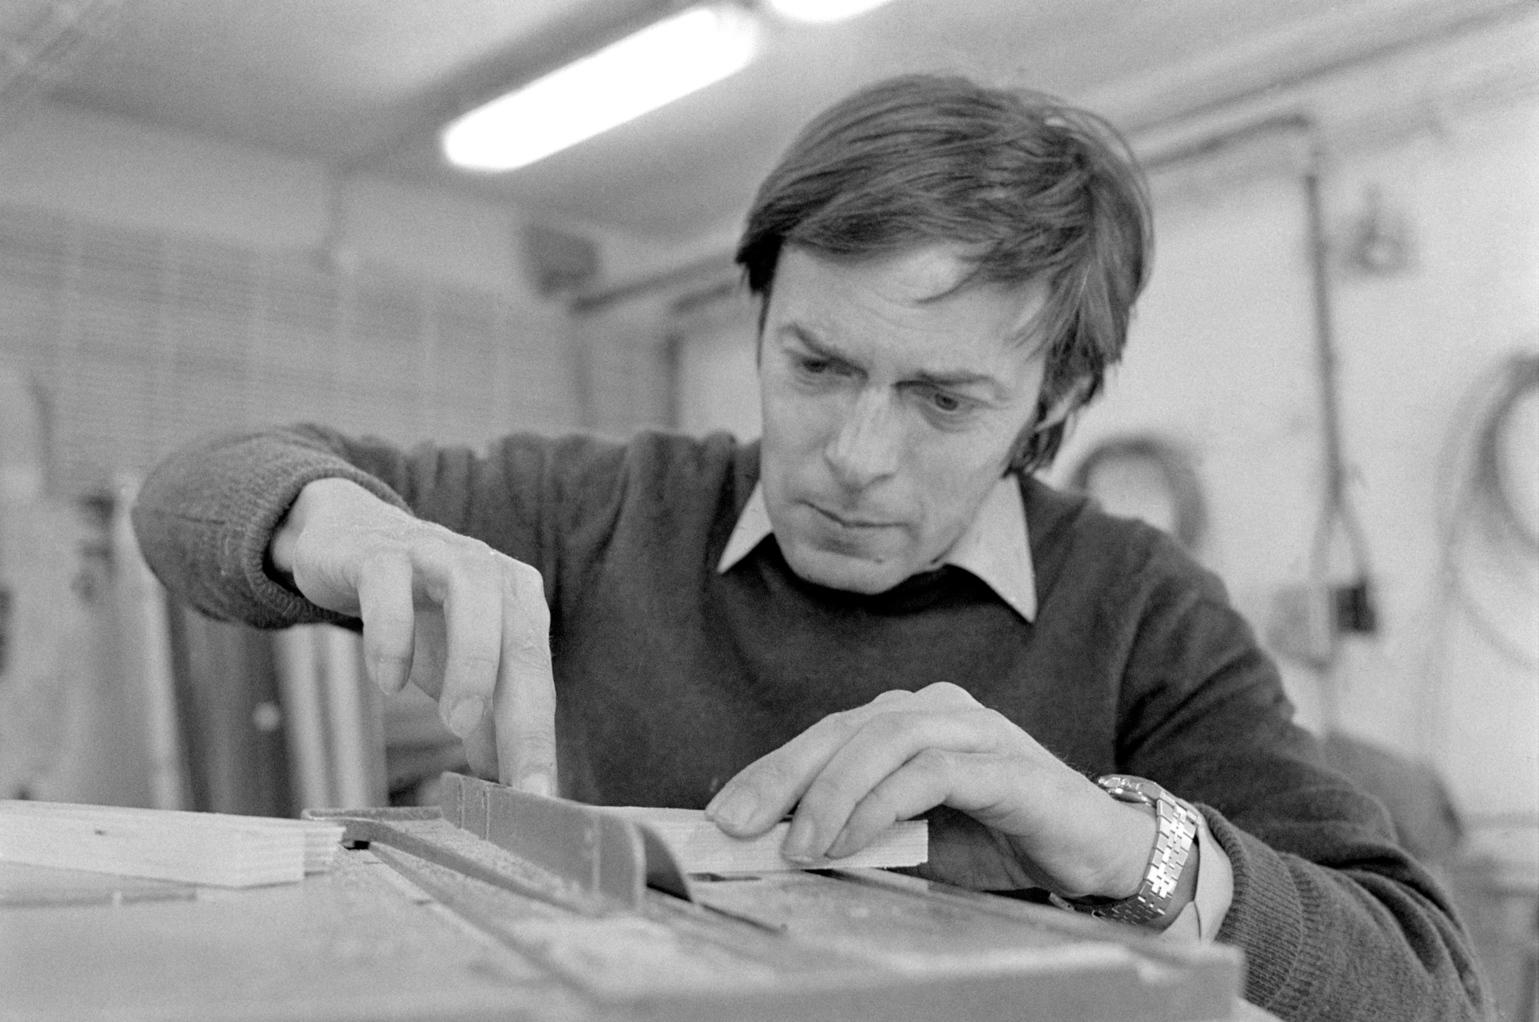 Rubik Ernő Kossuth-díjas építész, a bűvös kocka föltalálója munka közben a műhelyében.  (Fotó: MTI/Tóth Gyula, 1981)